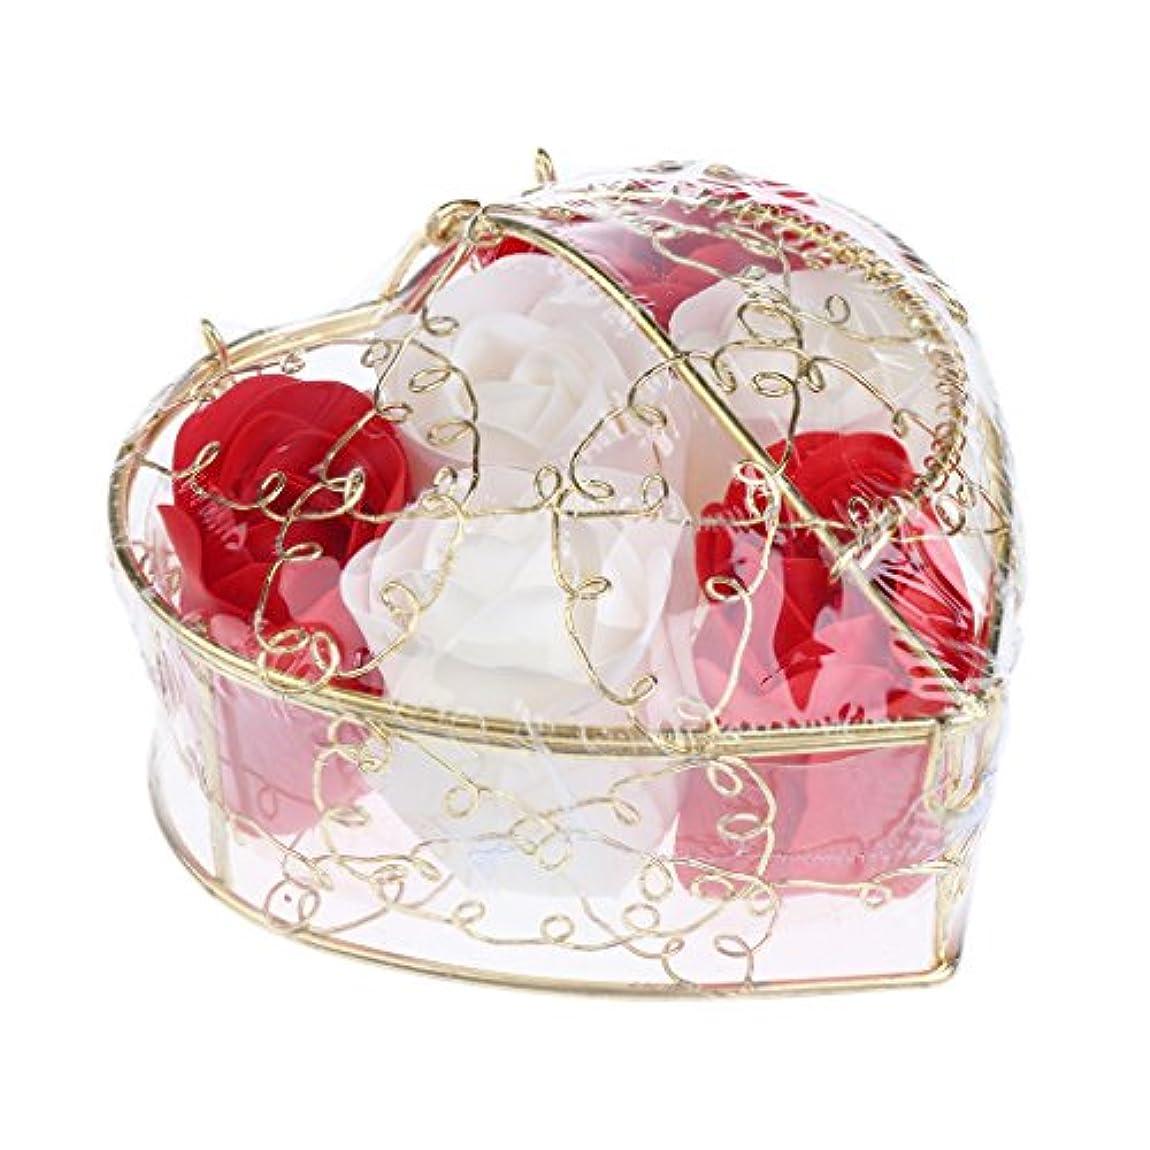 カウント進む割り当てる6個 ソープフラワー 石鹸の花 バラ 心の形 ギフトボックス バレンタインデー ホワイトデー 母の日 結婚記念日 プレゼント 全5タイプ選べる - 赤と白